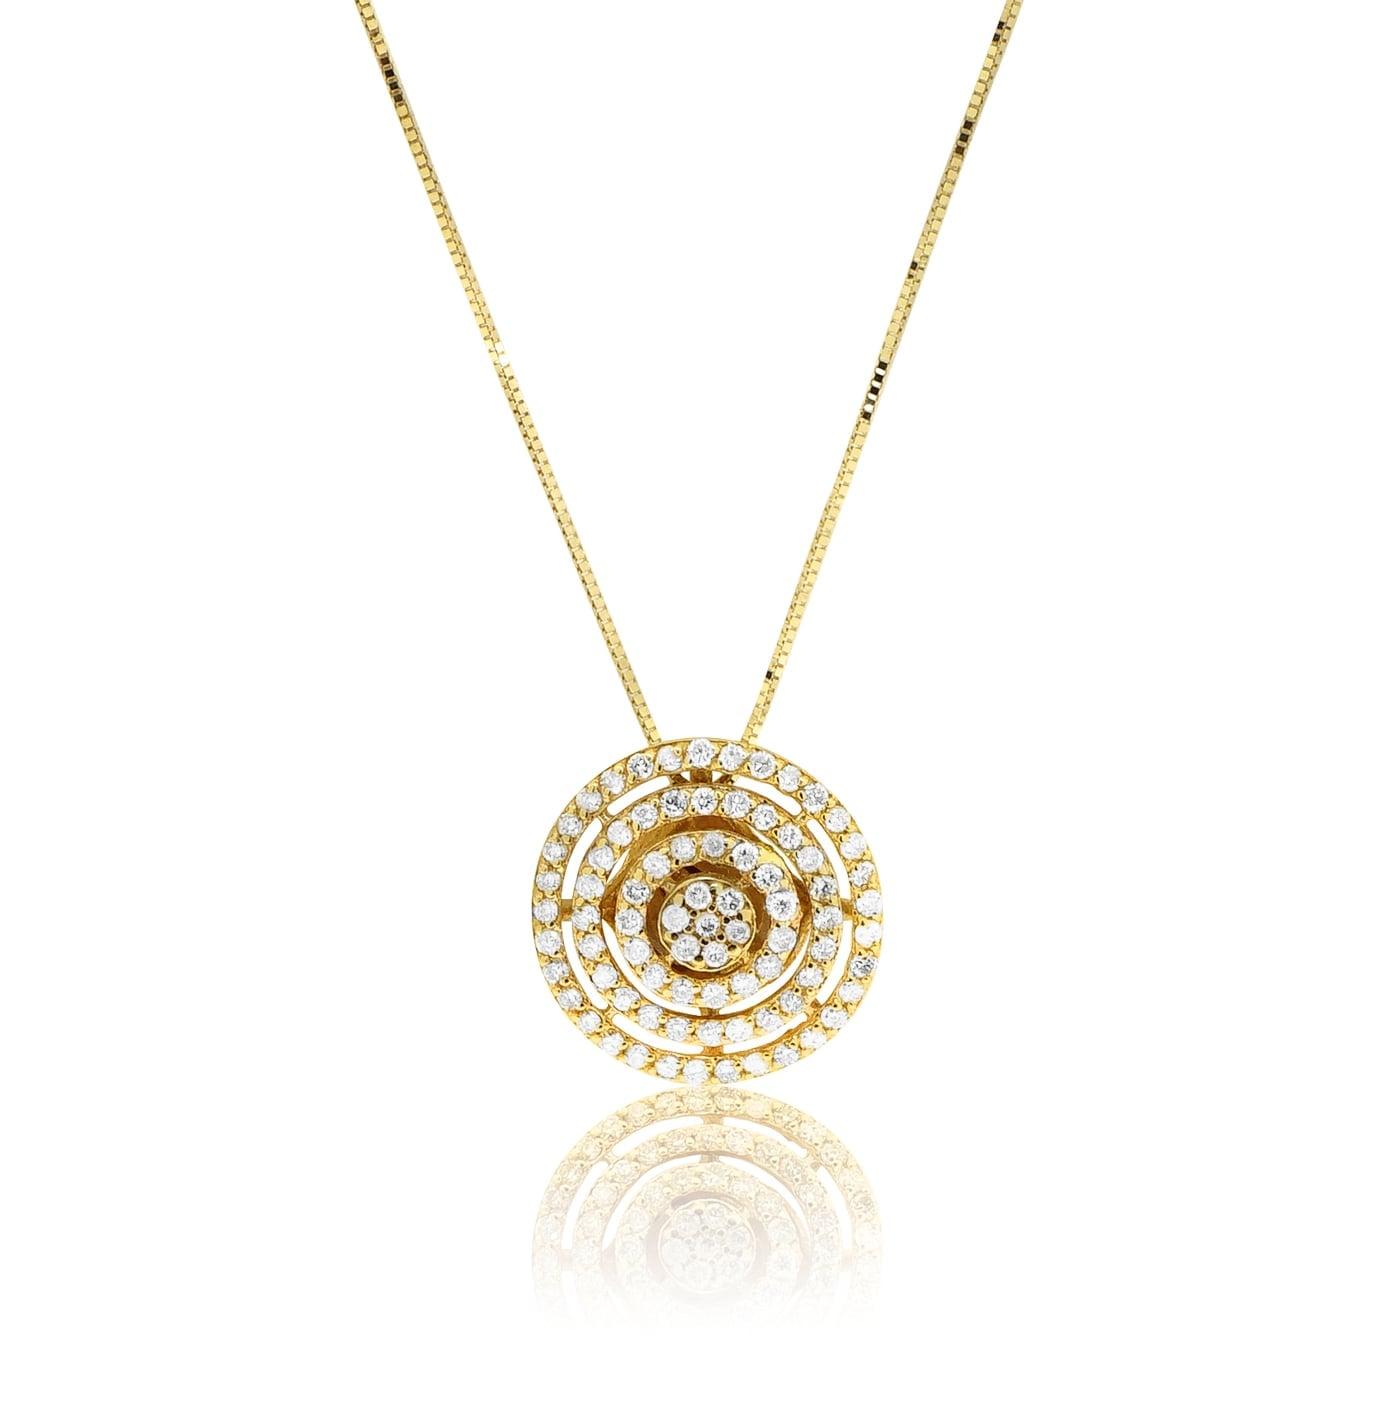 שרשרת מעגלי אינסוף נוצצת משובצת יהלומים 0.75 קראט בזהב 14 קרט